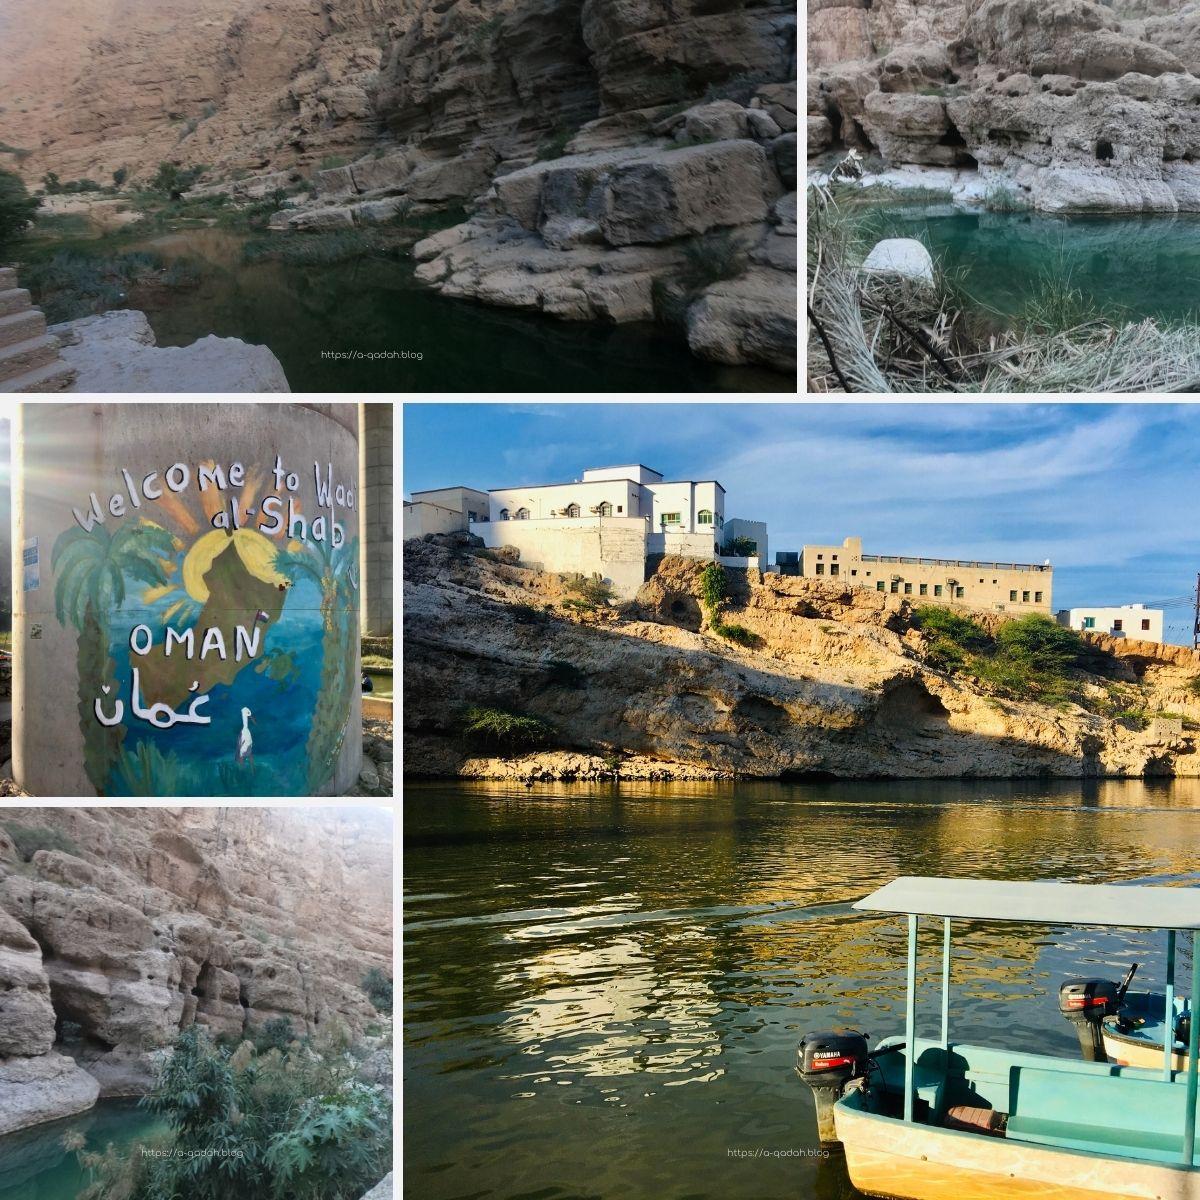 السباحة والمشي في وادي شاب عمان